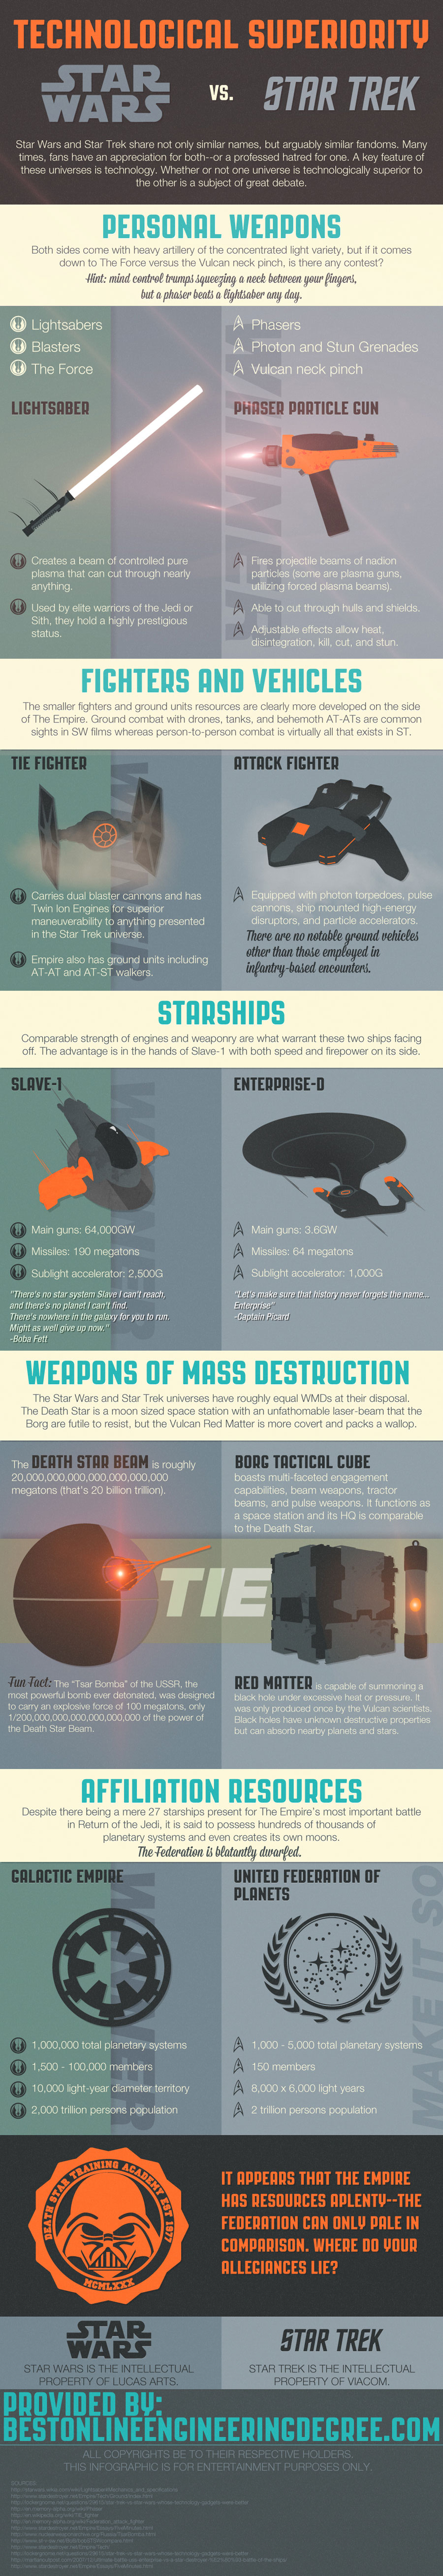 Technological Superiority: Star Wars vs. Star Trek